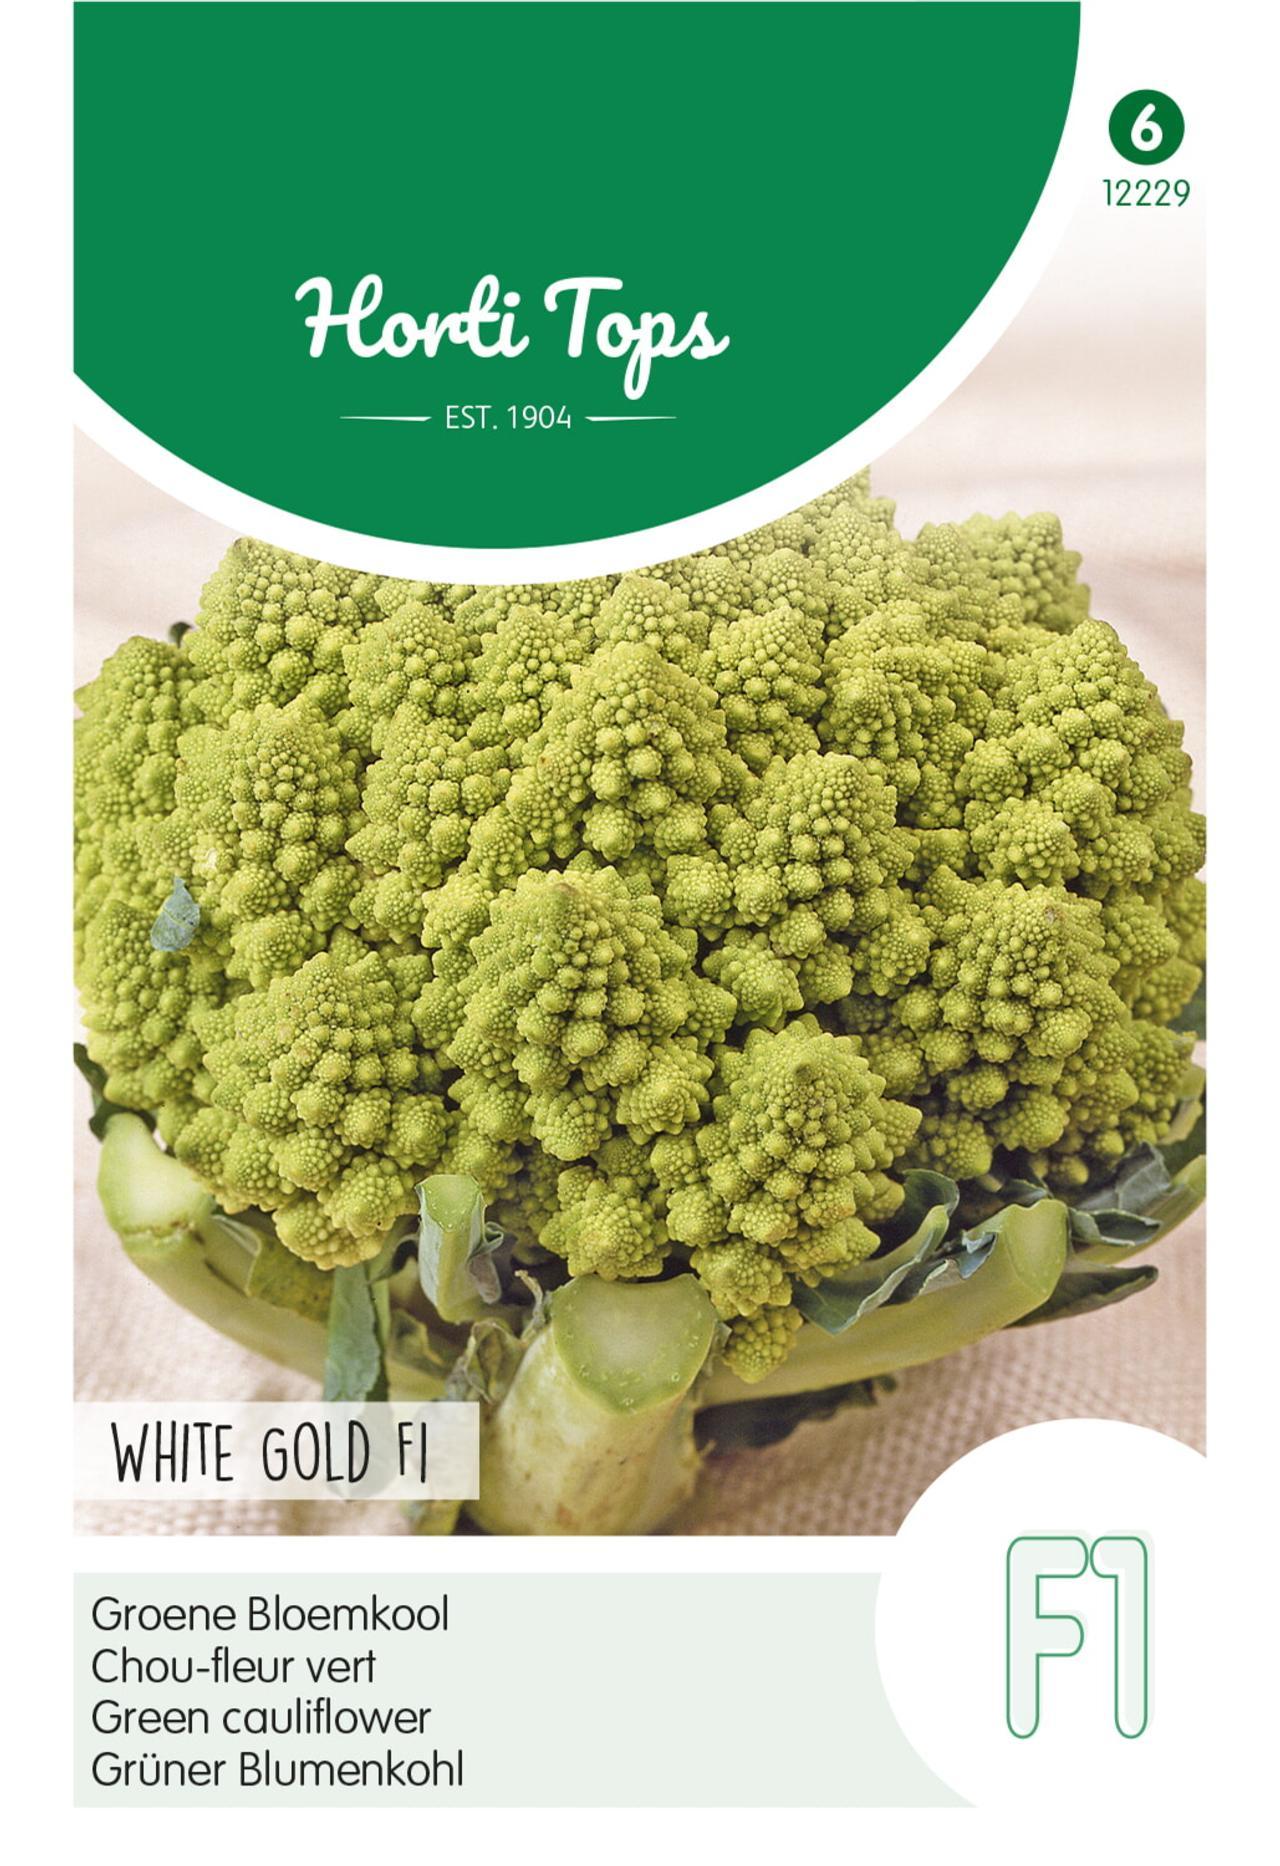 Brassica oleracea 'White Gold F1' plant